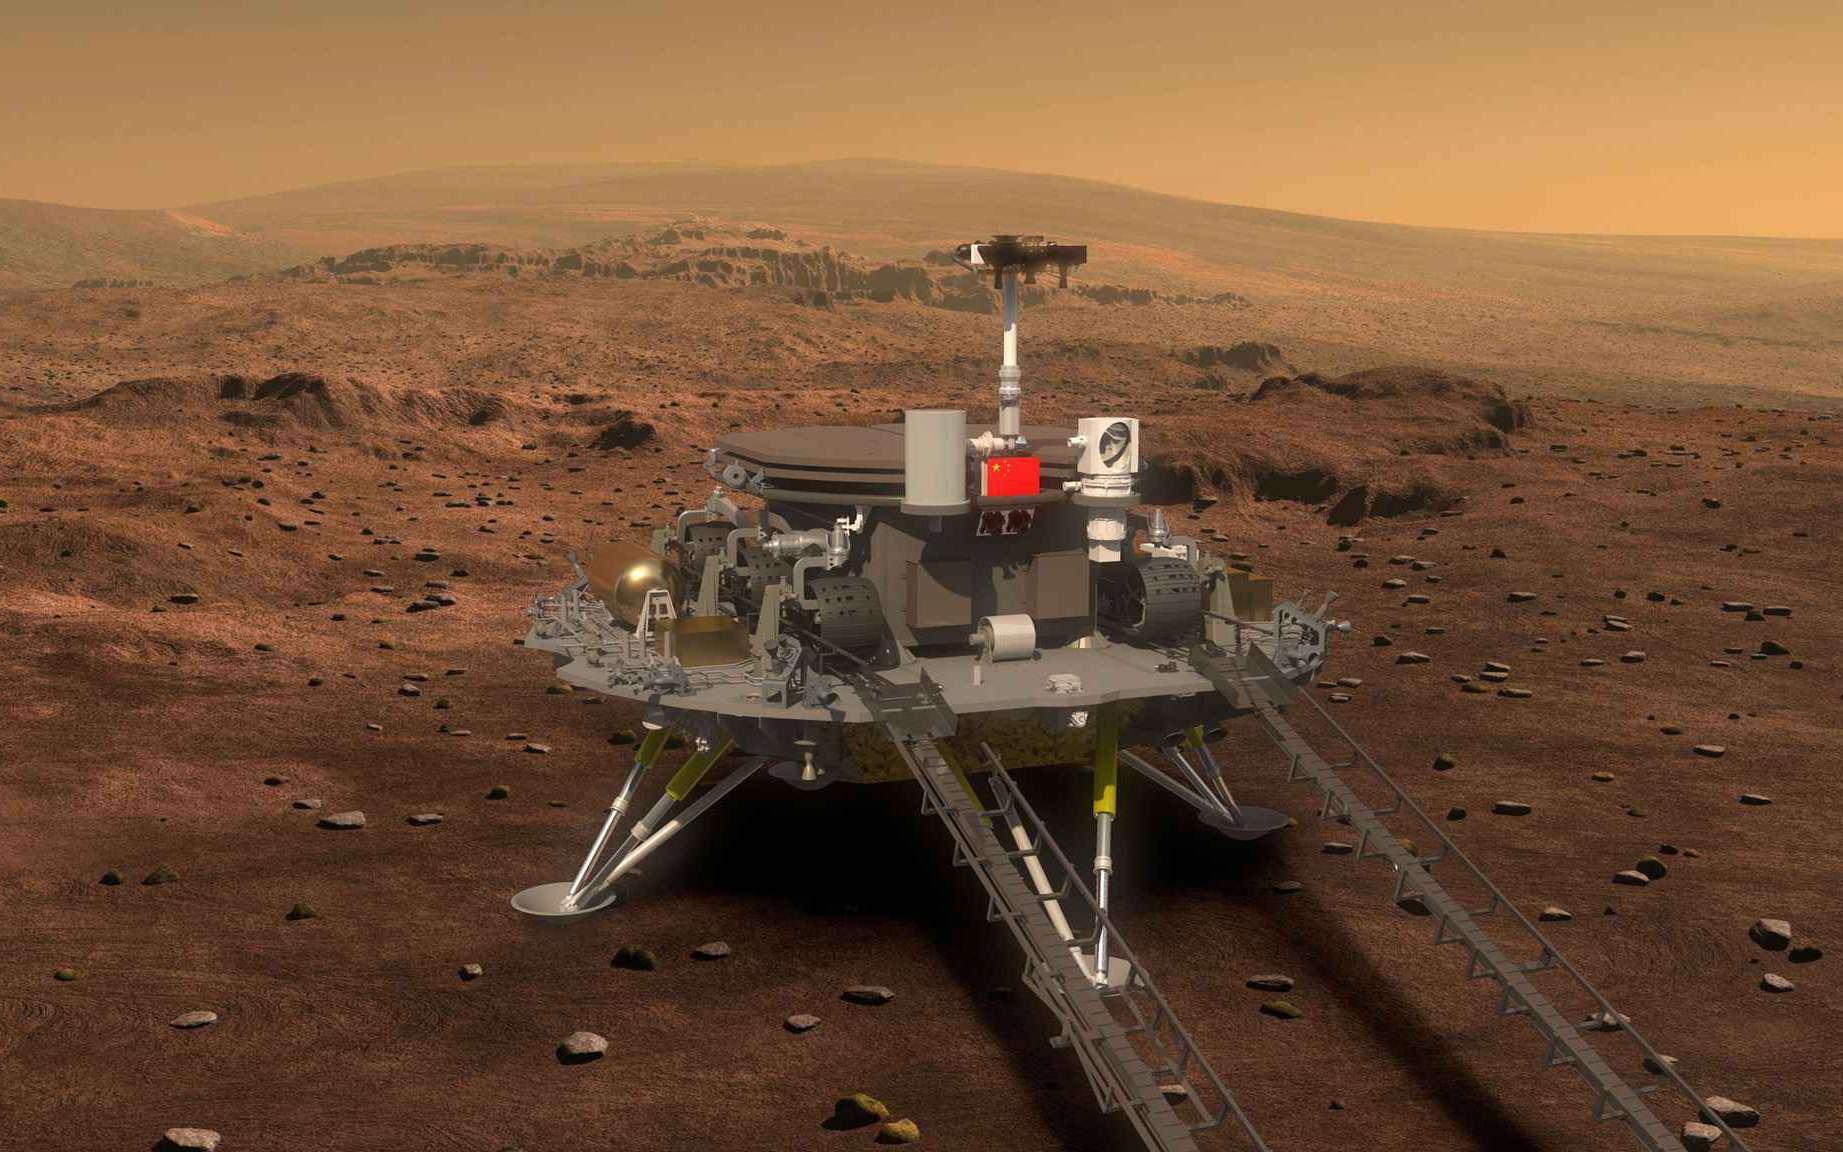 L'atterrisseur et le rover de la future mission martienne de la Chine. Ce rover est prévu pour fonctionner pendant environ une centaine de jours. À la différence du rover Curiosity de la Nasa, qui utilise un générateur thermoélectrique à radio-isotope (RTG), le rover chinois utilisera des panneaux solaires pour la production de l'énergie dont il aura besoin. © Xinhua